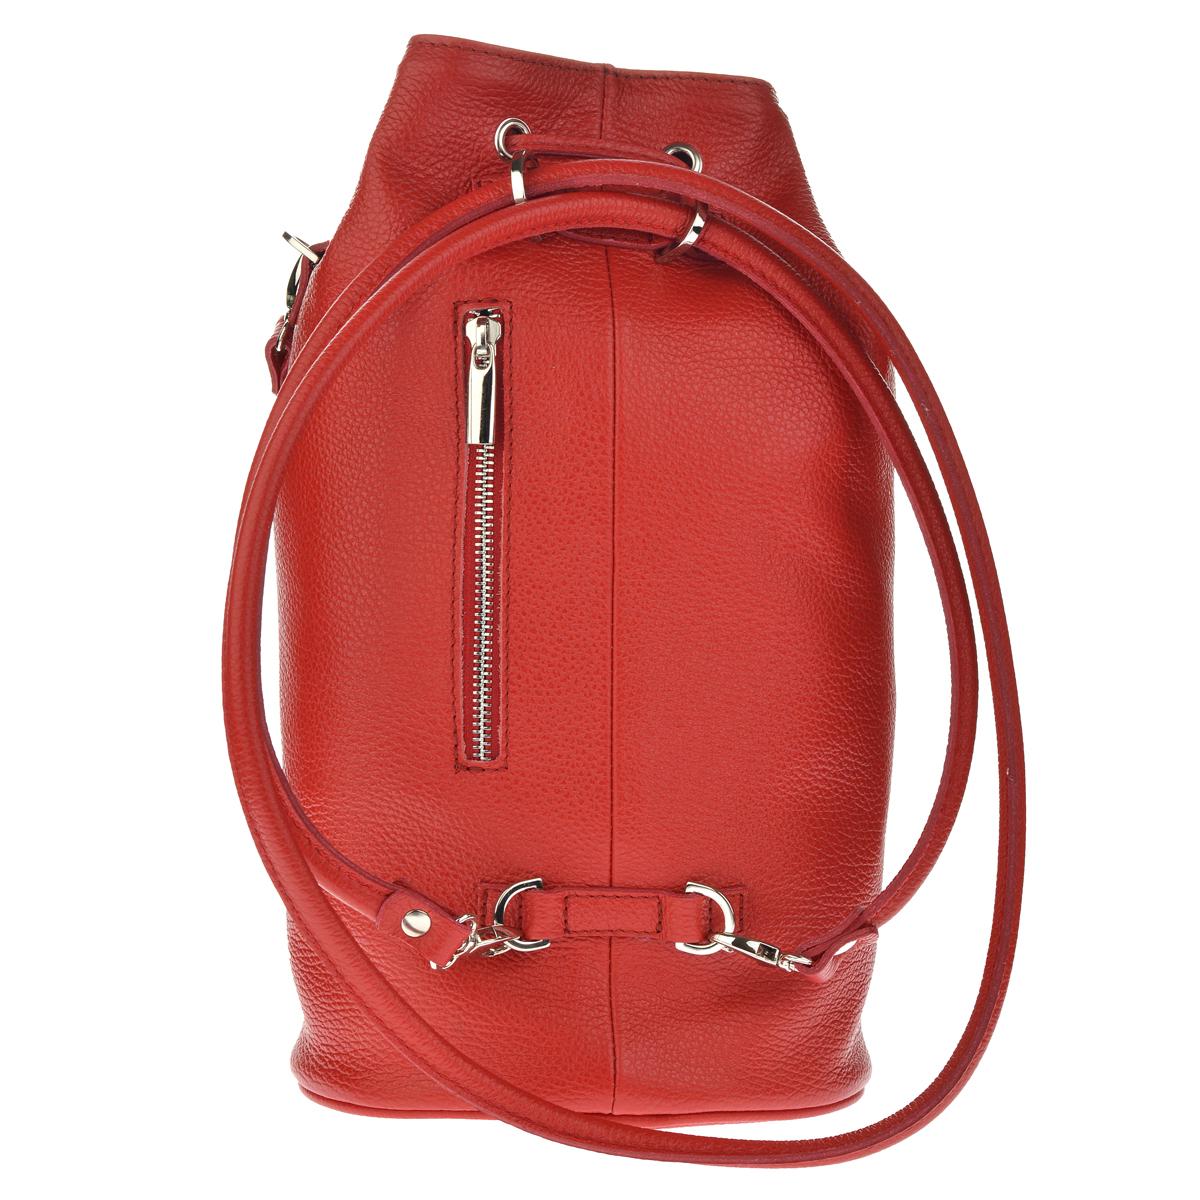 Dámský kožený batoh FACEBAG SUZANNE - Červená